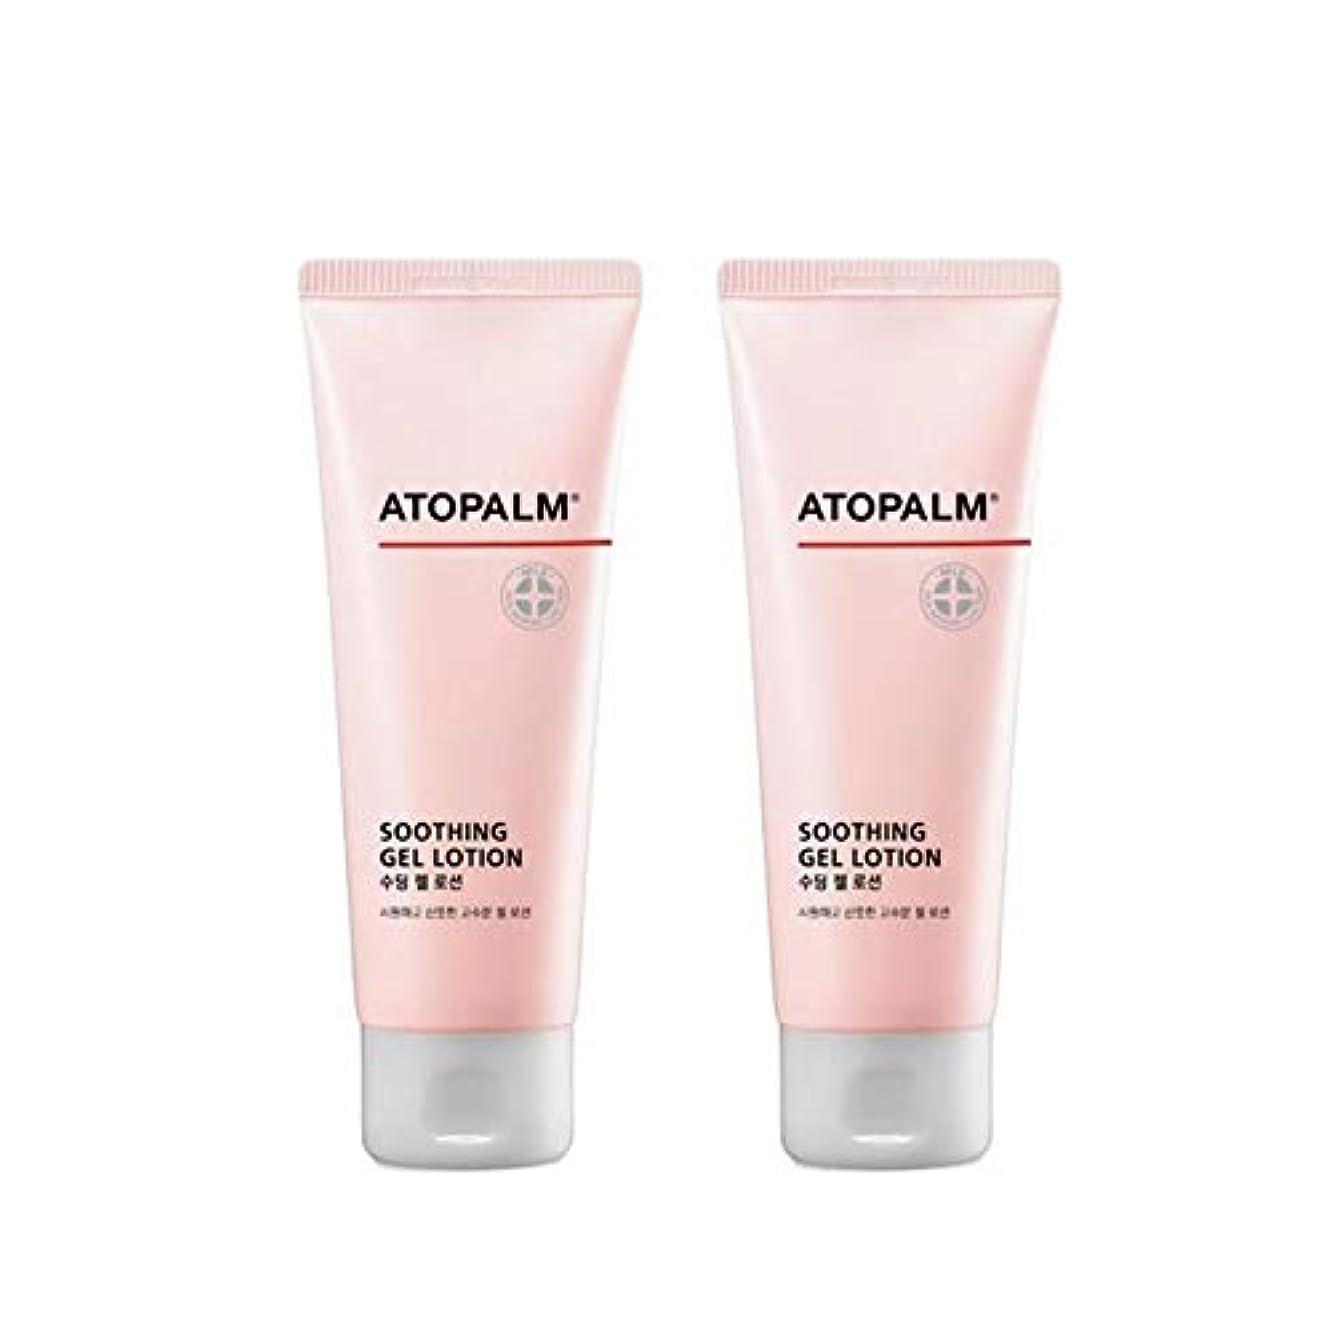 欠乏ずるいクリックアトパムスディンジェルローション120mlx2本セットベビーローション韓国コスメ、Atopalm Soothing Gel Lotion 120ml x 2ea Set Baby Lotion Korean Cosmetics...